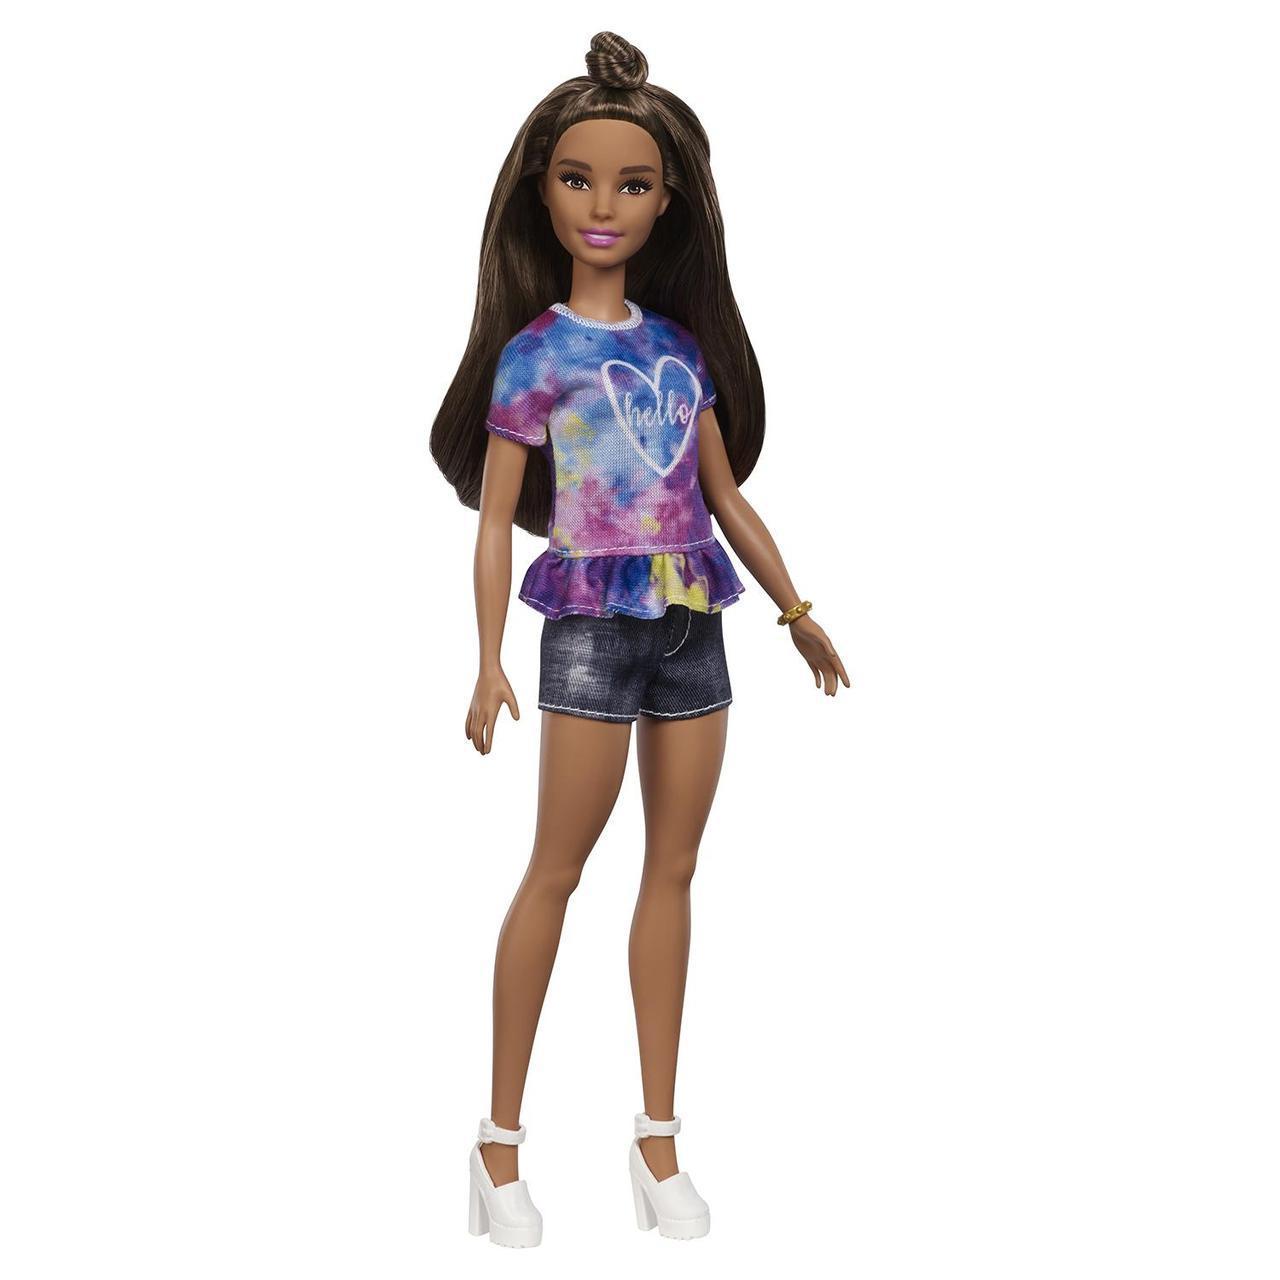 """Barbie """"Игра с модой"""" Кукла Барби Шатенка в цветном топе #112 (Миниатюрная)"""